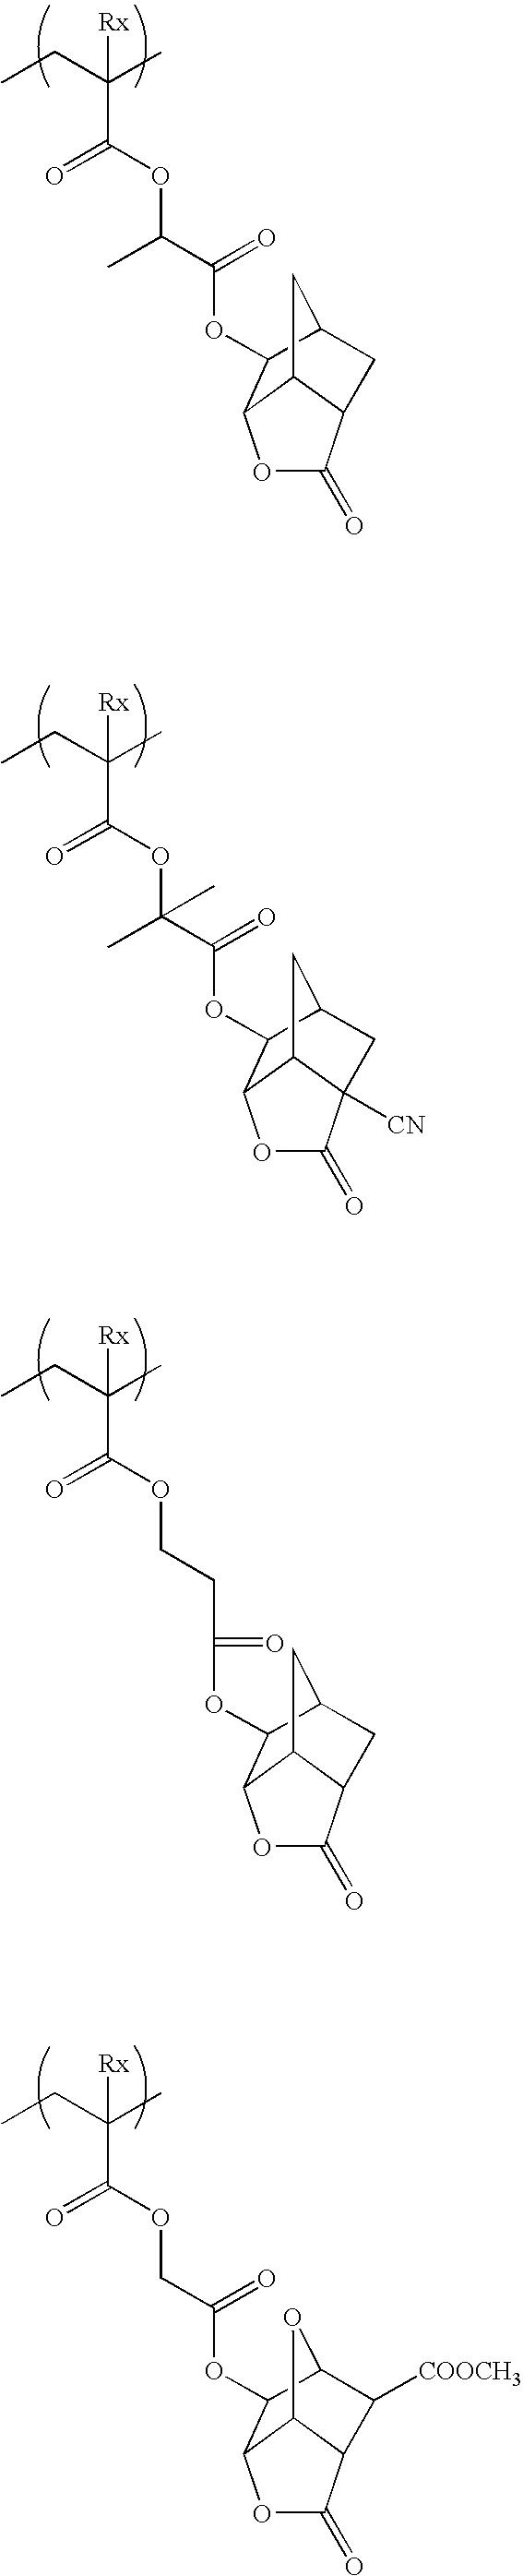 Figure US08852845-20141007-C00137